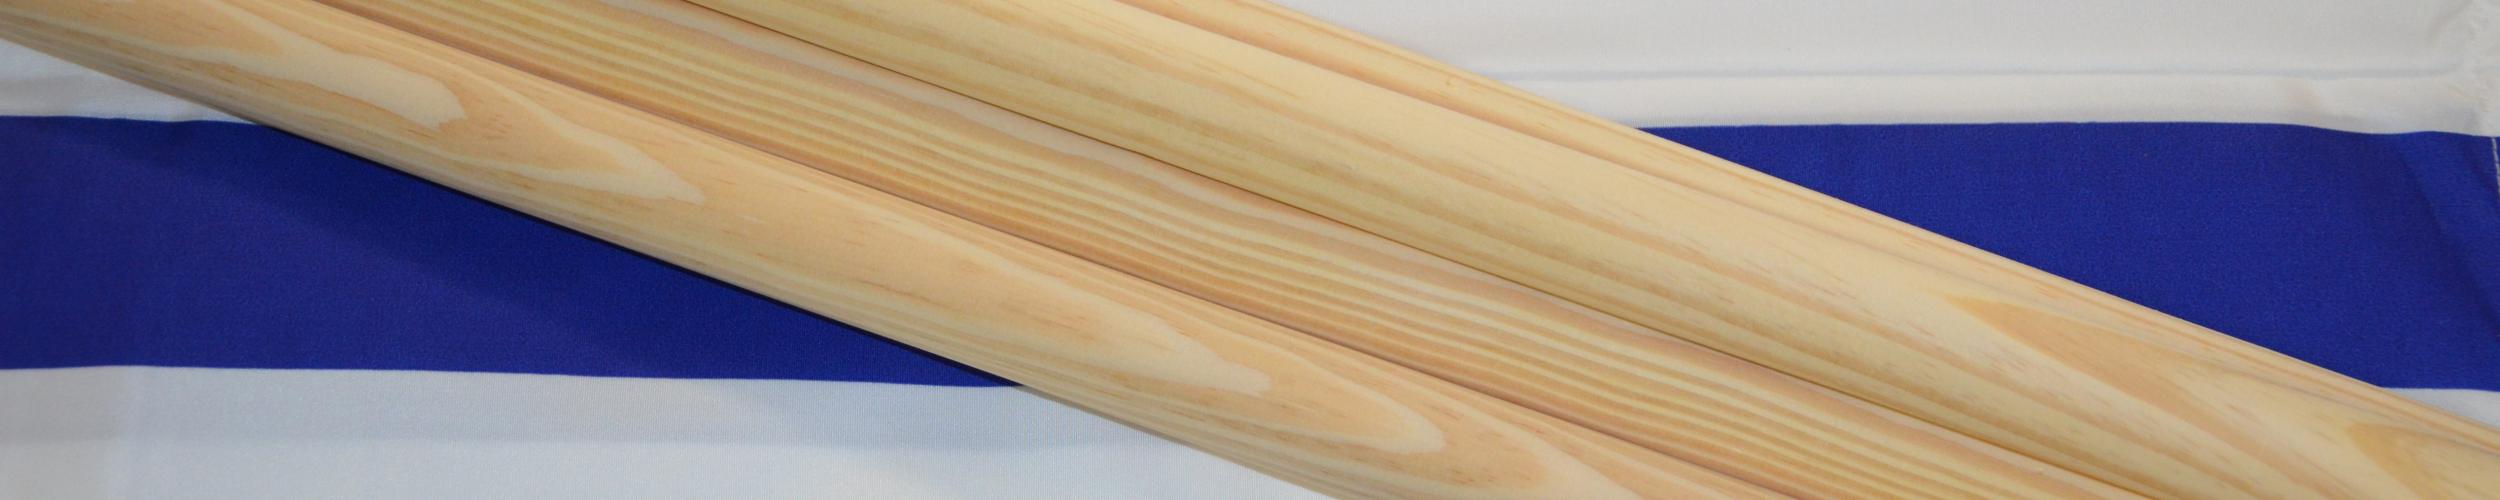 Windscherm Kobalt blauw/Wit 6 meter, Stockactie nummer